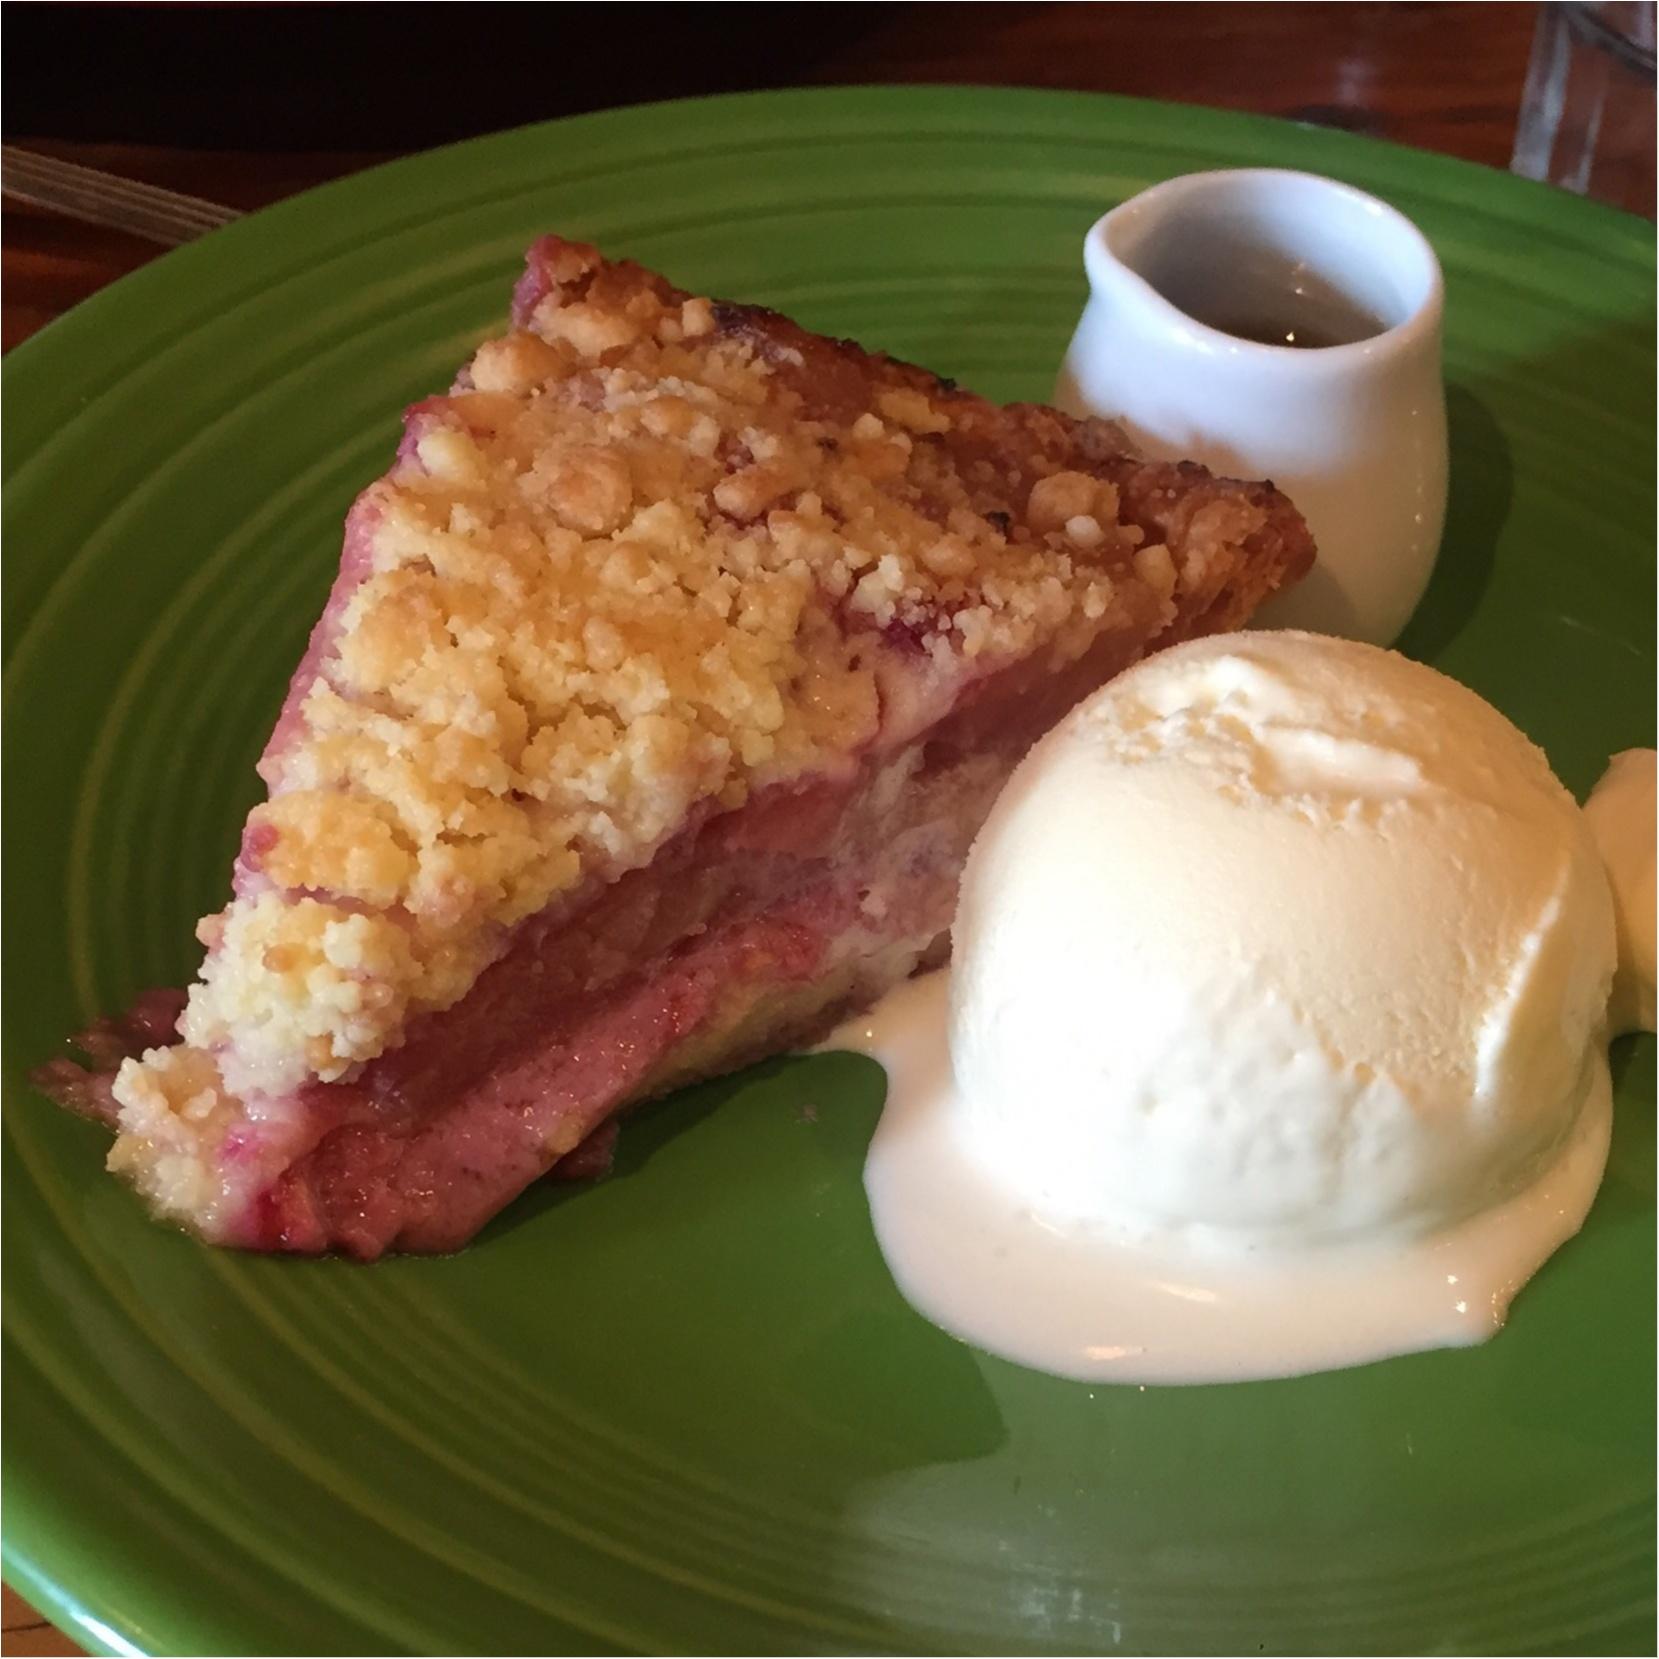 【話題のお店】グラニースミスのホワイトデー限定アップルパイがおすすめ!_2